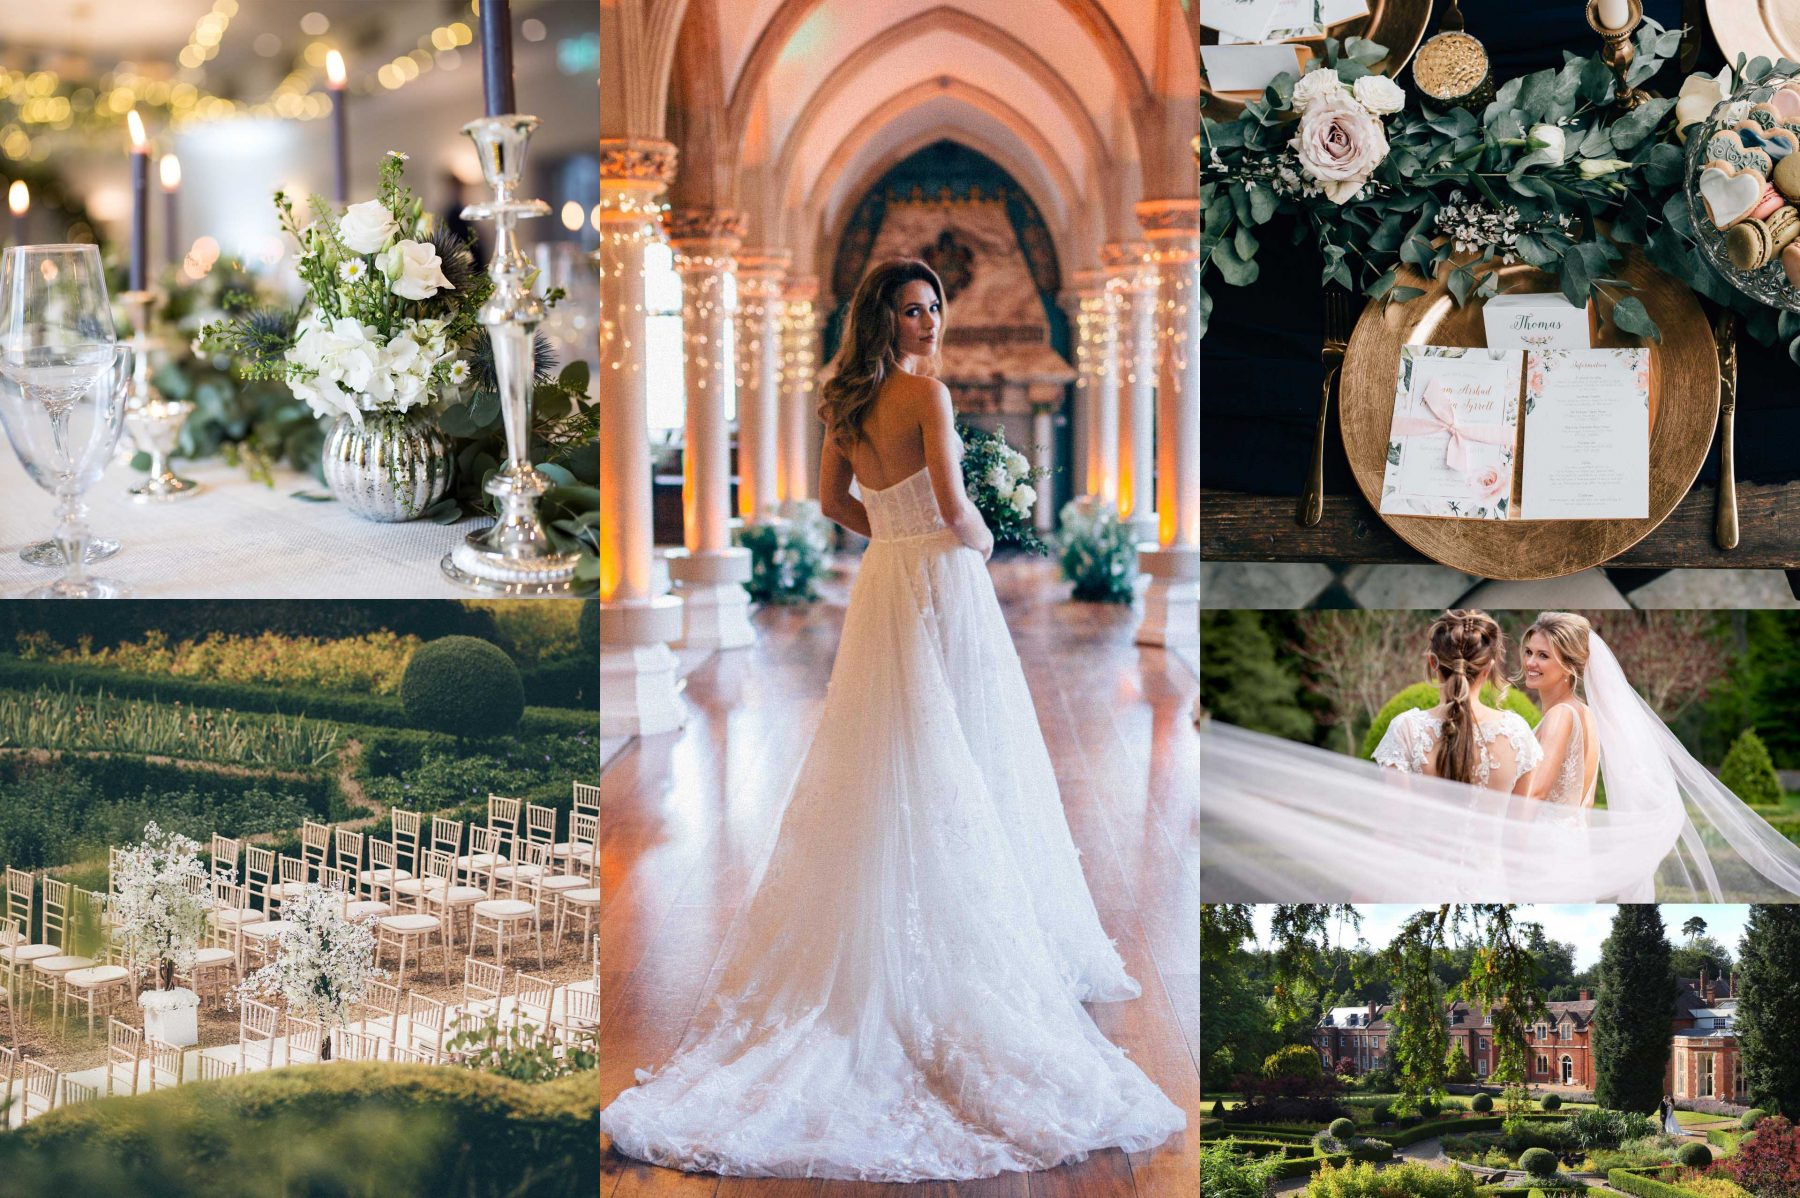 Weddings Image Gallery